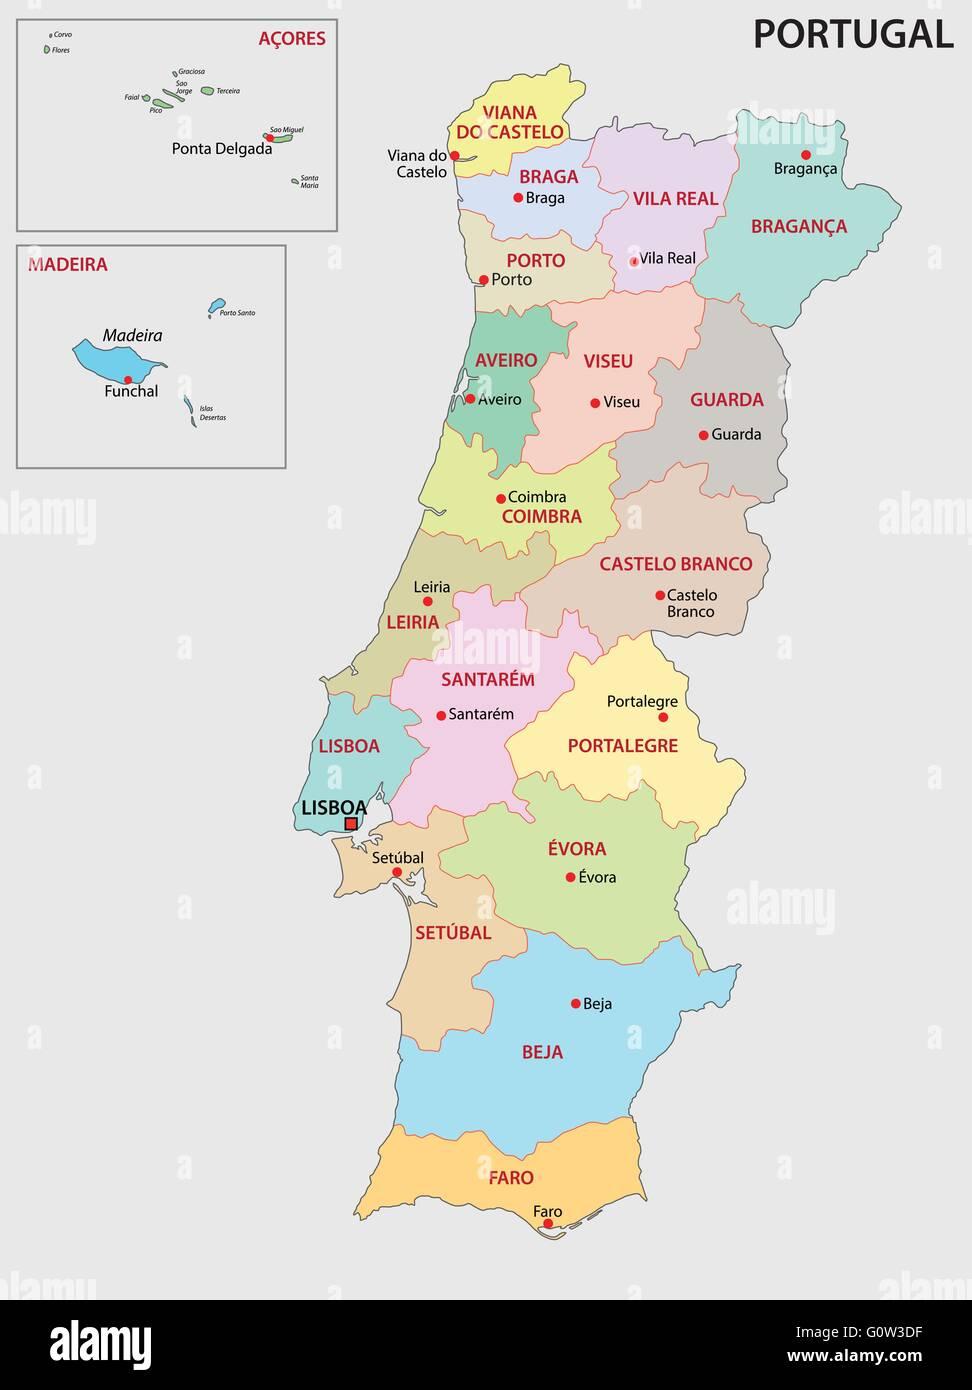 Portogallo Cartina Dettagliata.Il Portogallo Mappa Amministrativa Illustrazione Vettoriale